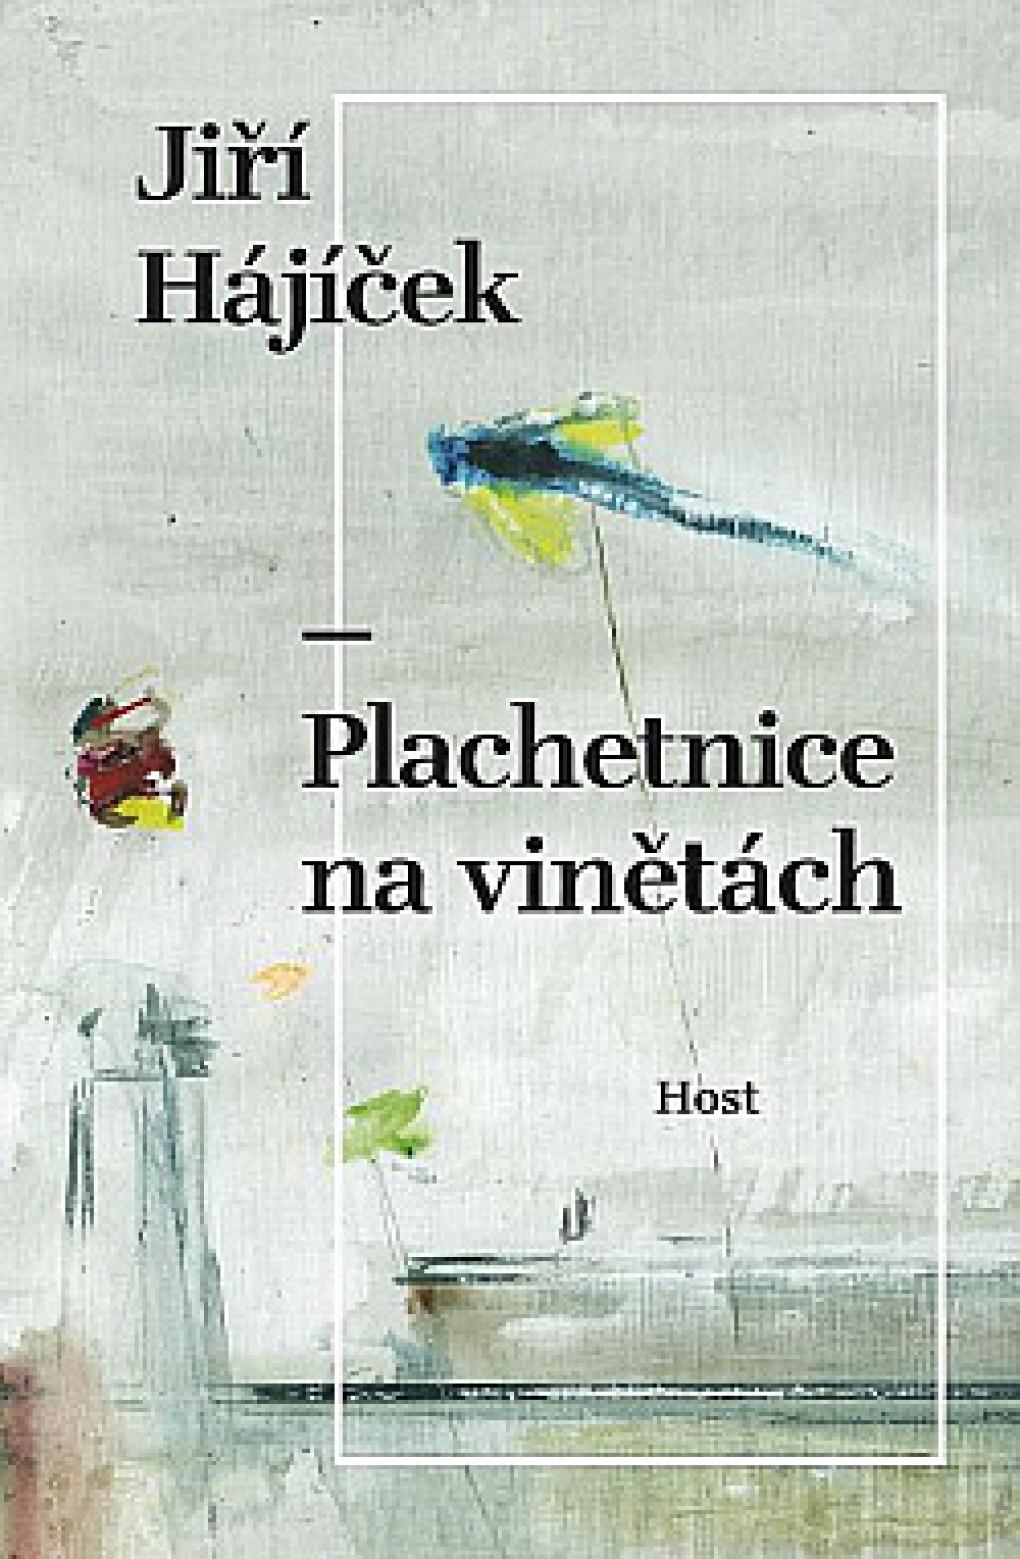 plachetnice-na-vinetach-ewo-428846.jpg